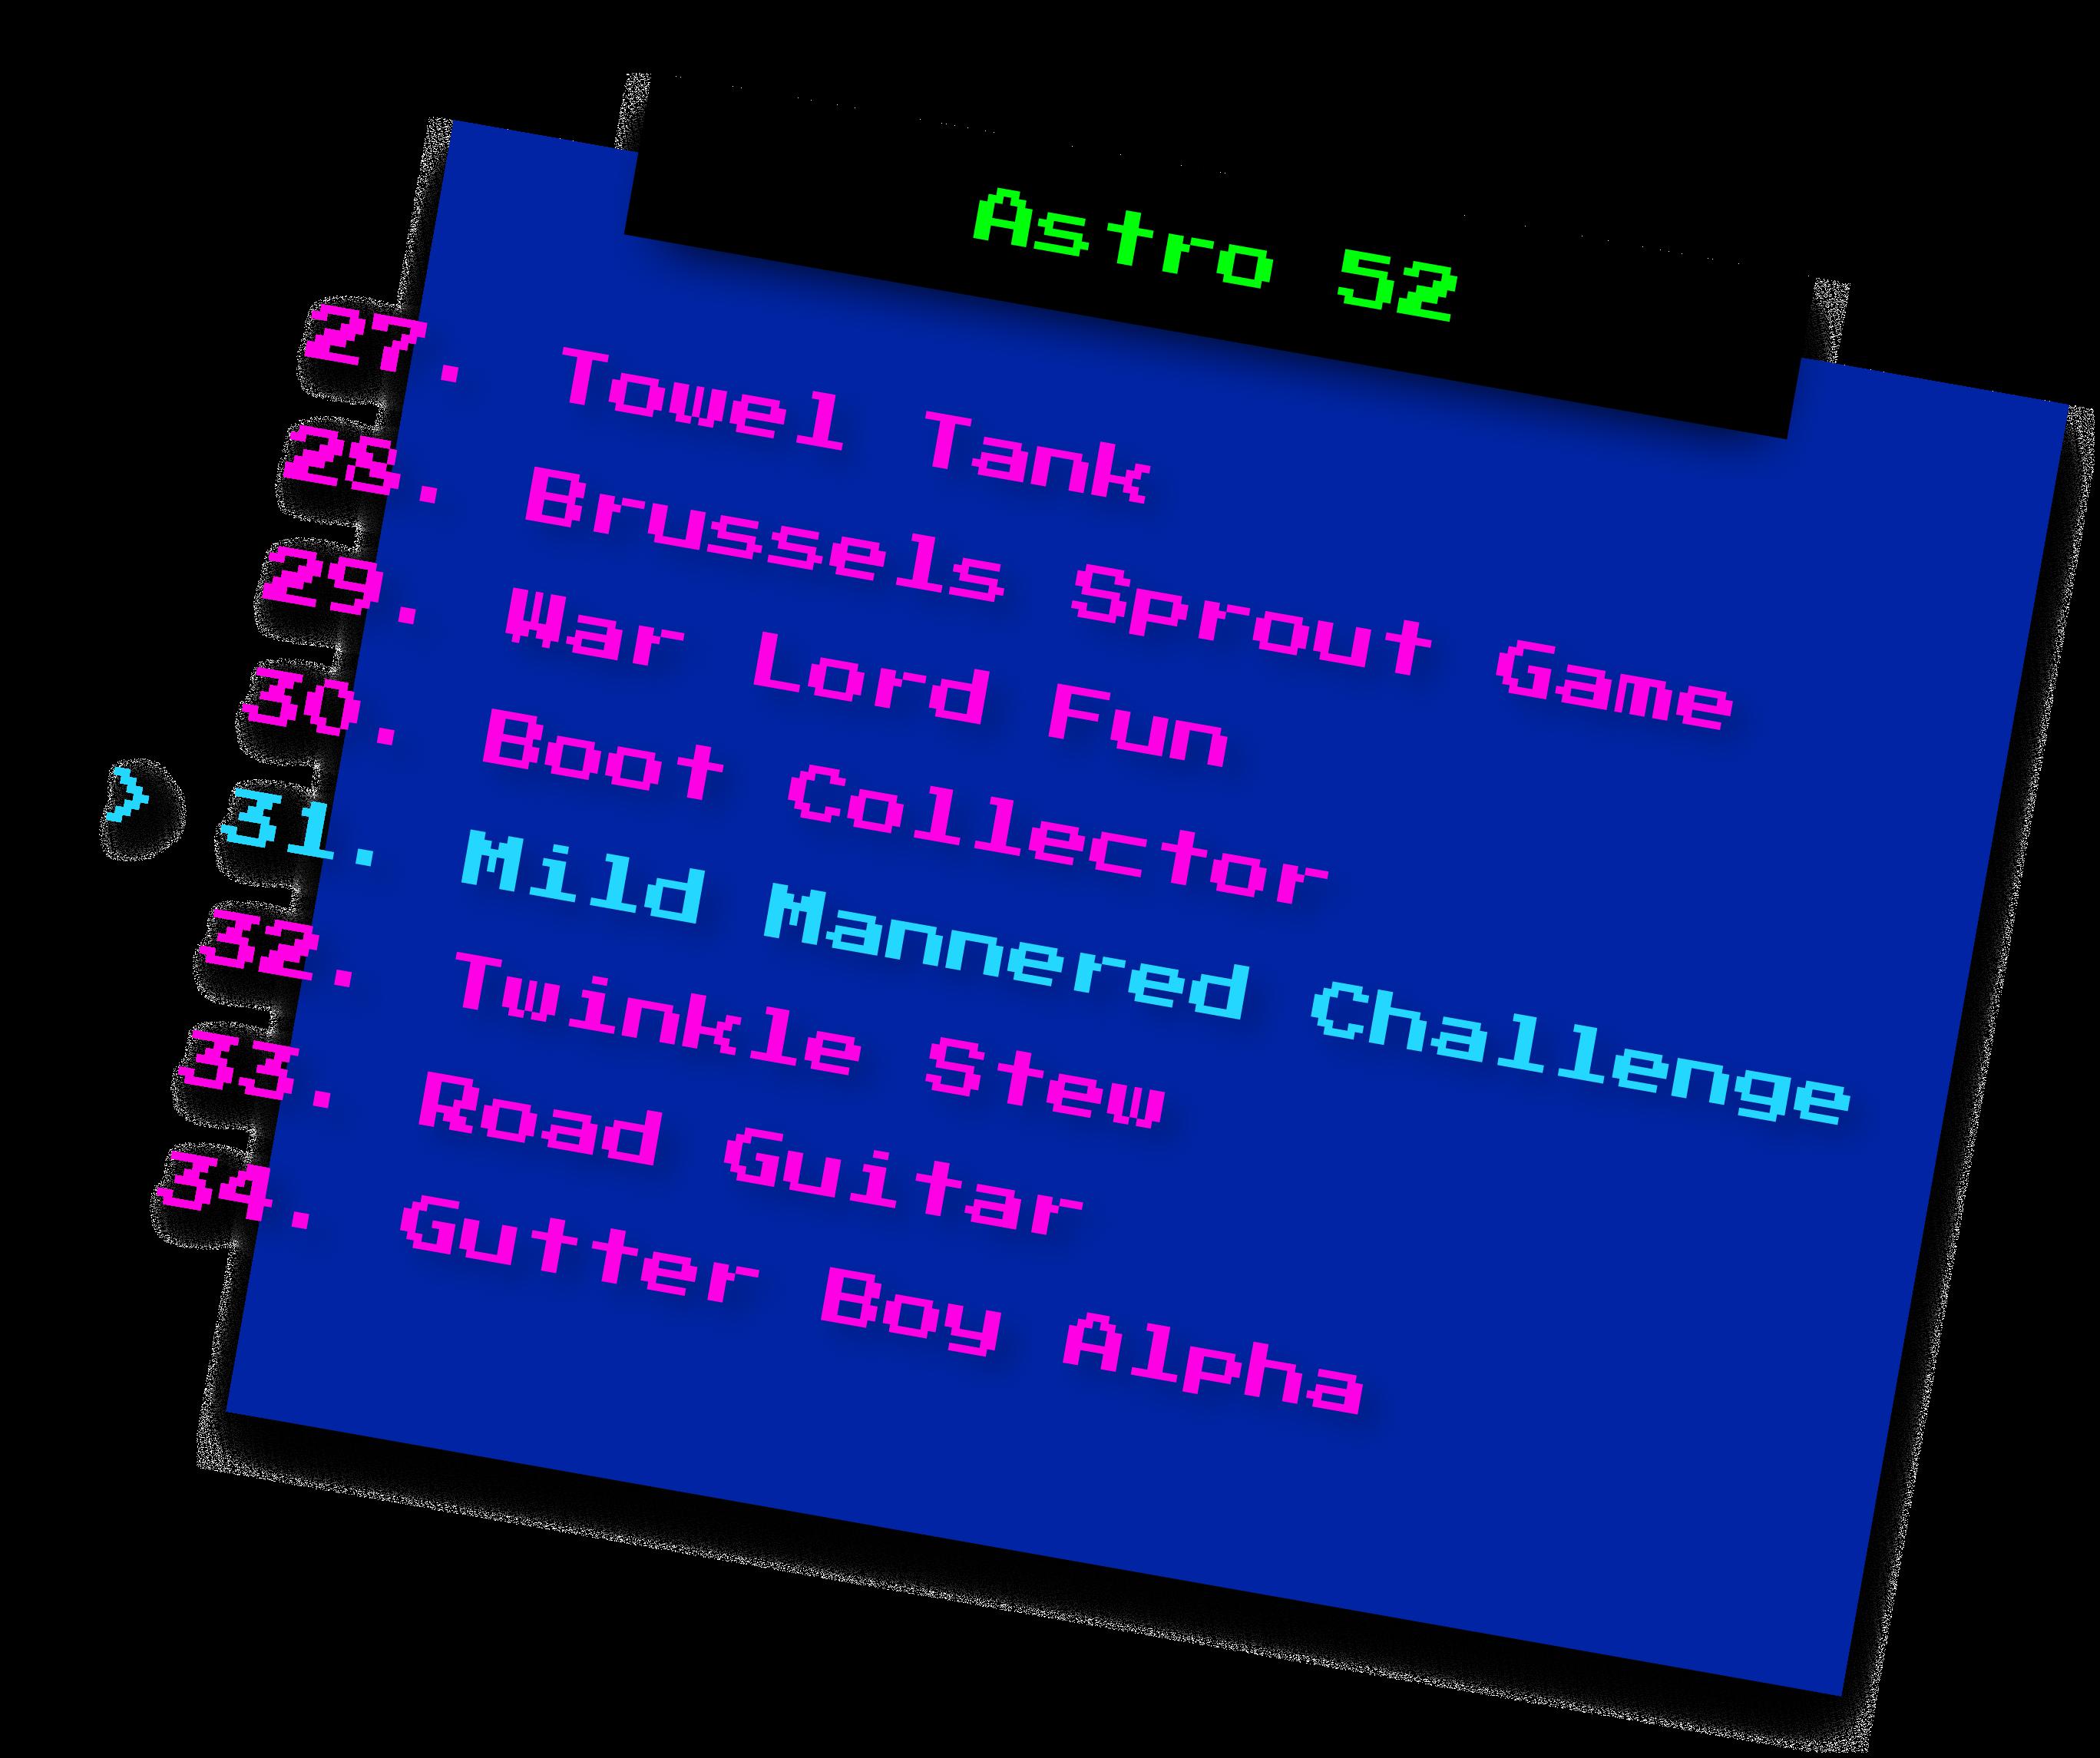 Astro 52 Jam Clipart - Menu